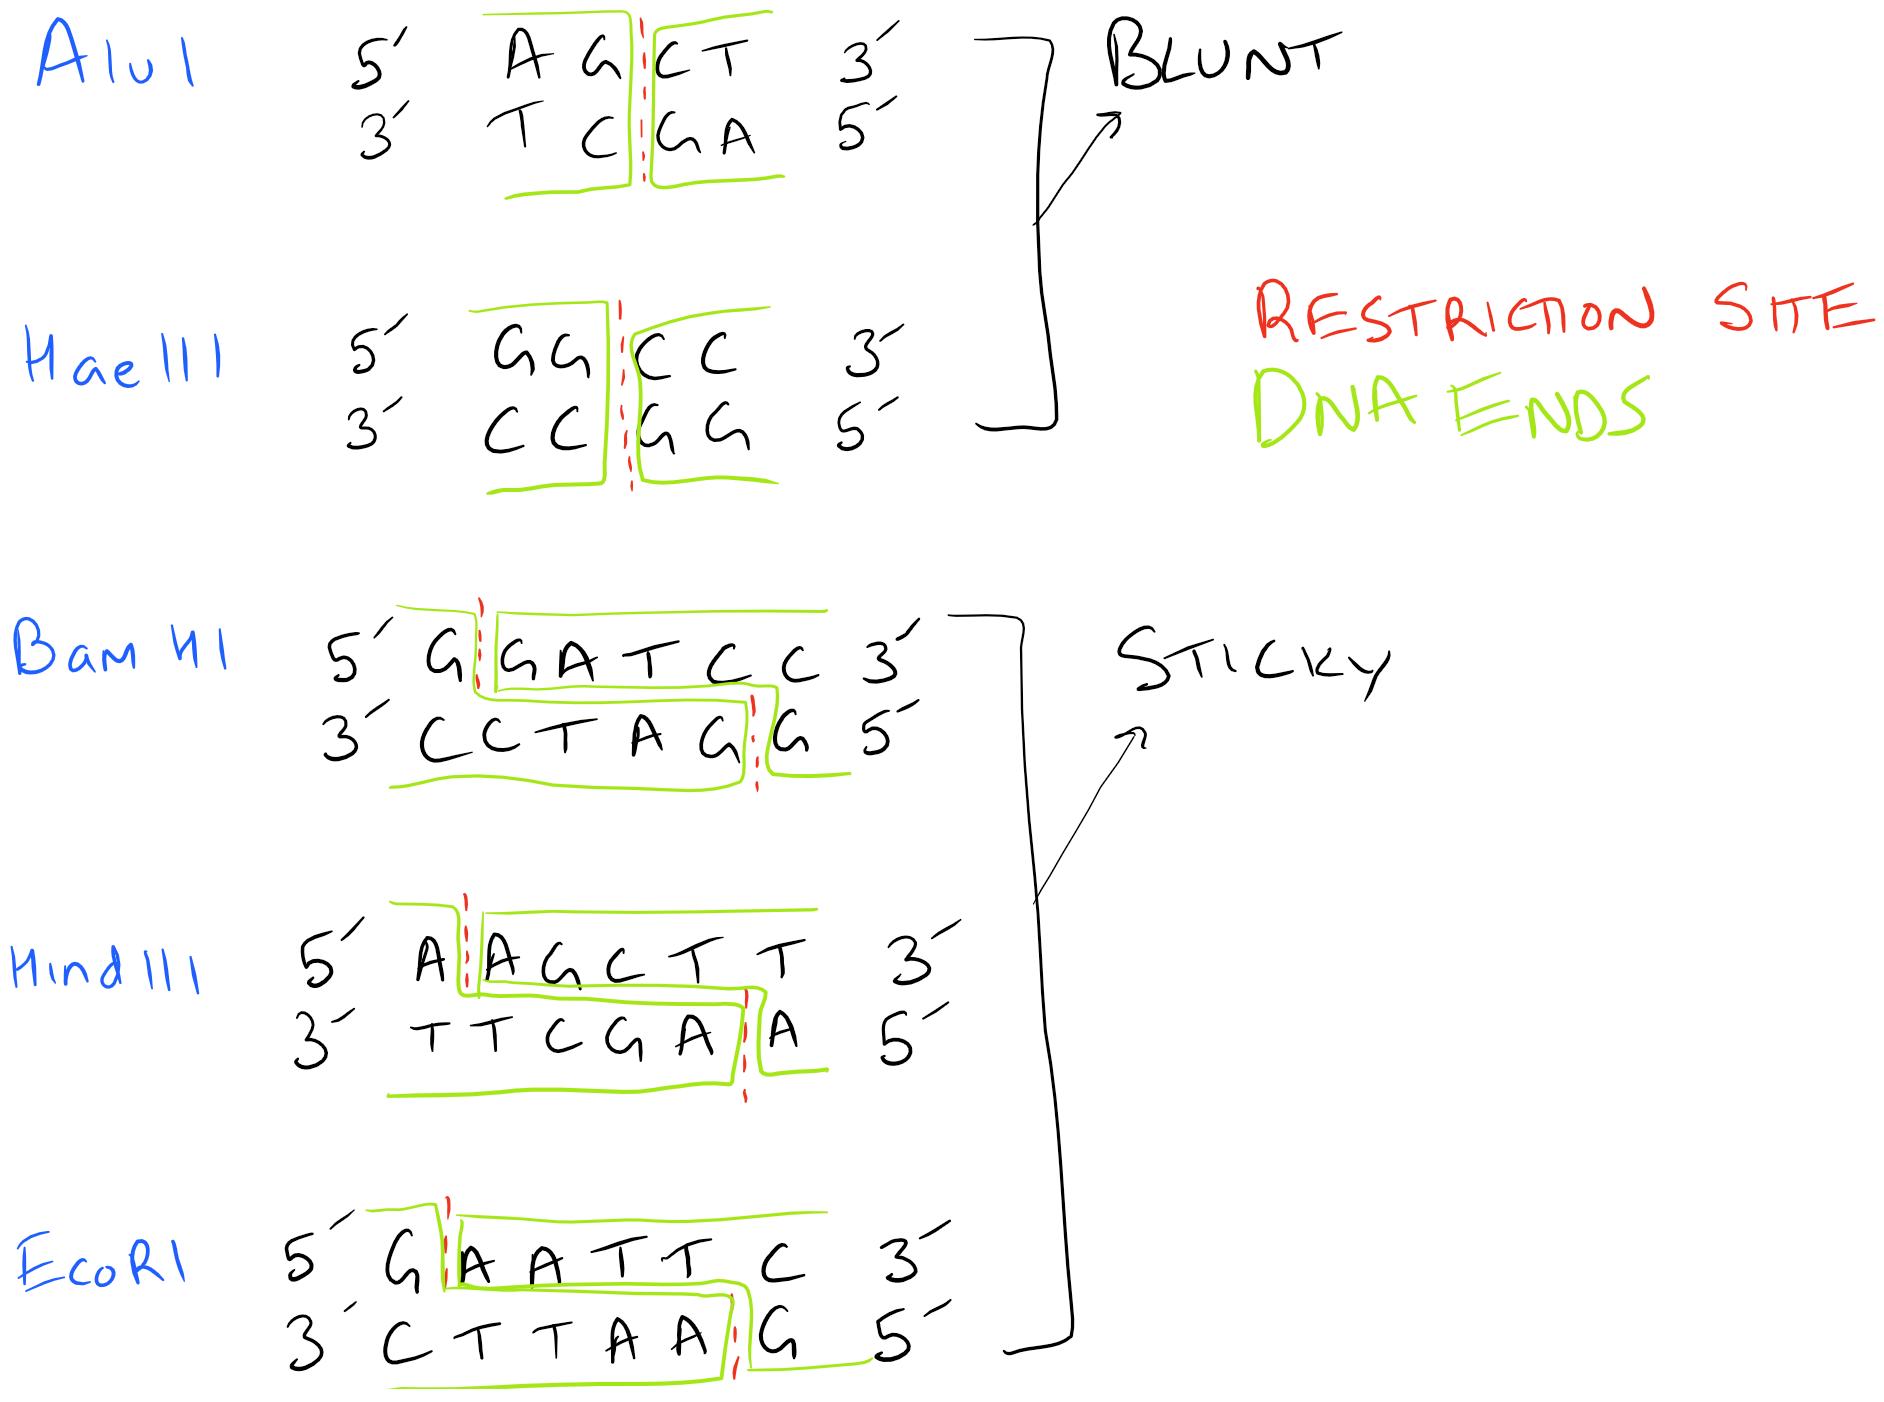 Restriction Enzymes for DNA Ligation